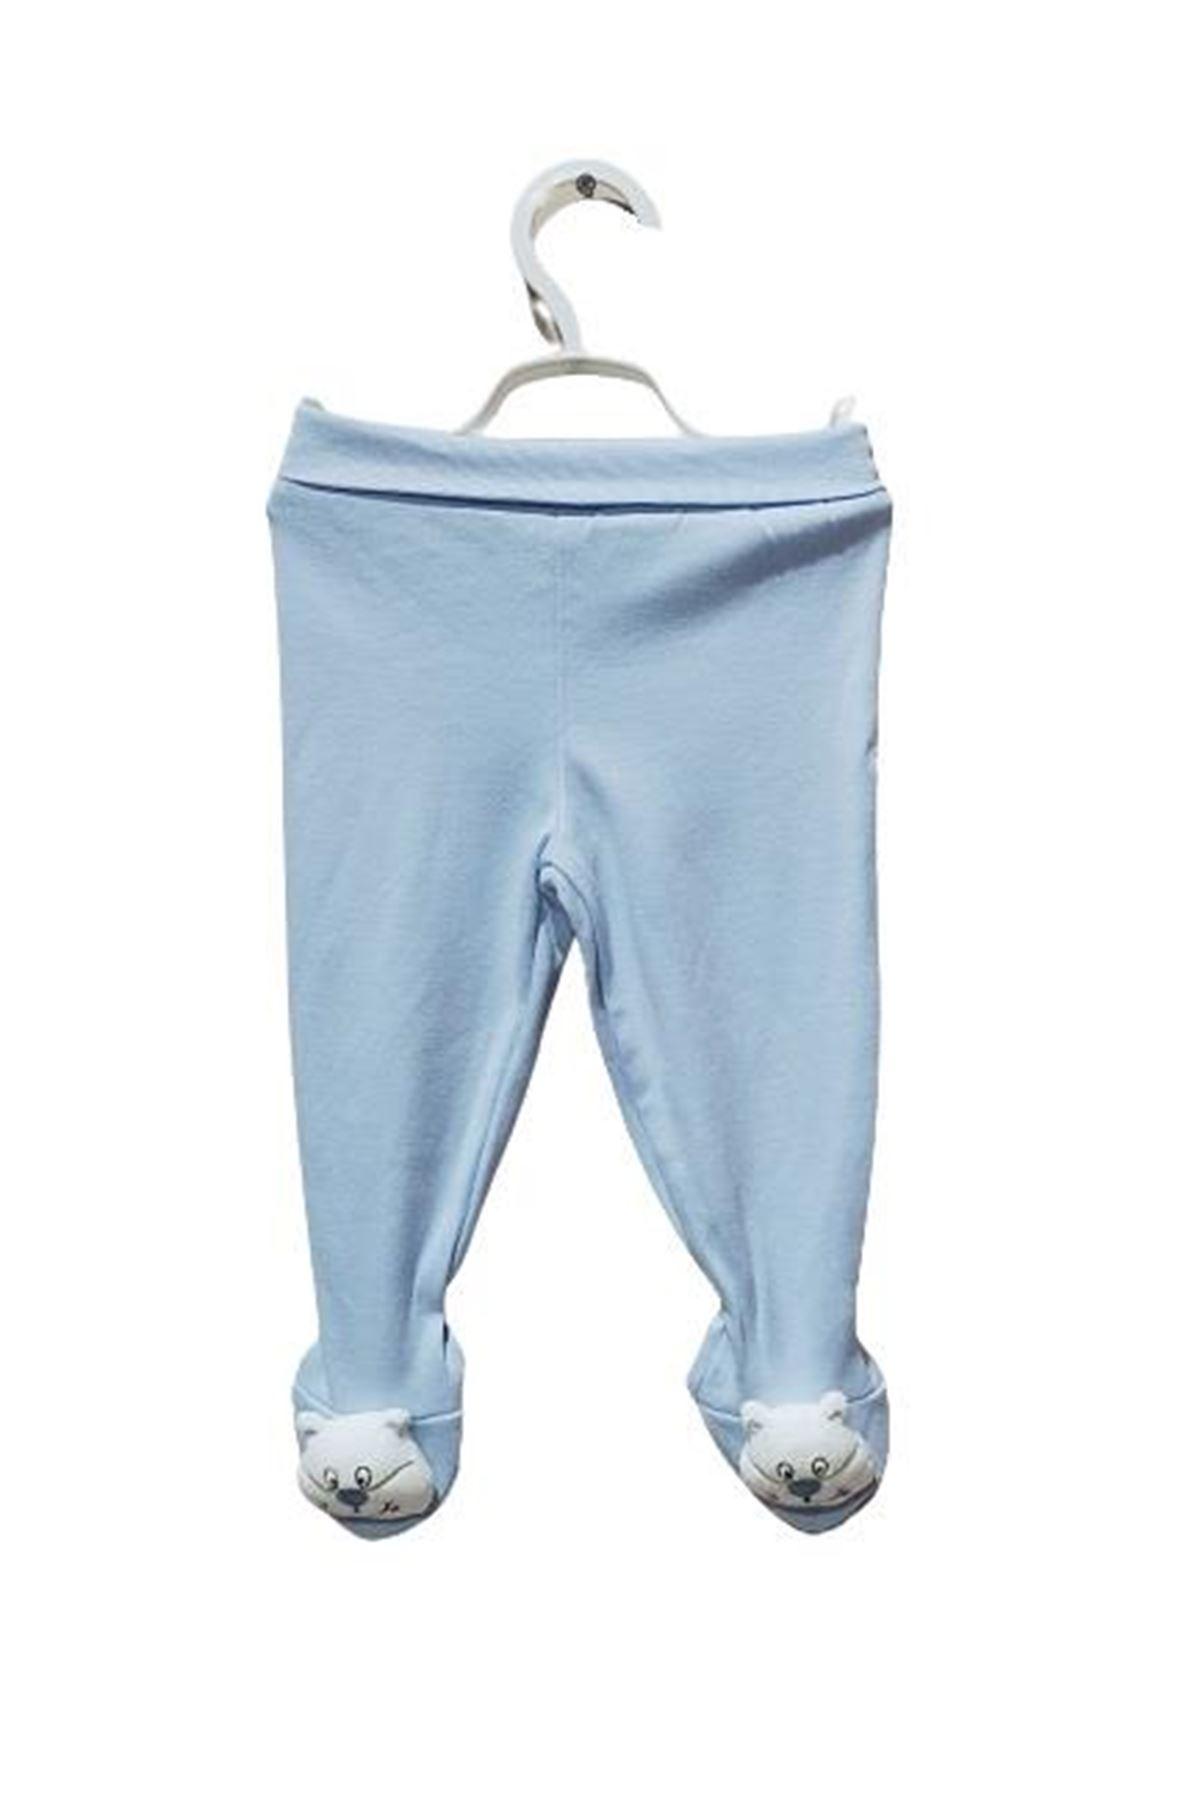 Albimini Minidamla Düz Oyuncaklı Patikli Pantolon 44178 Mavi